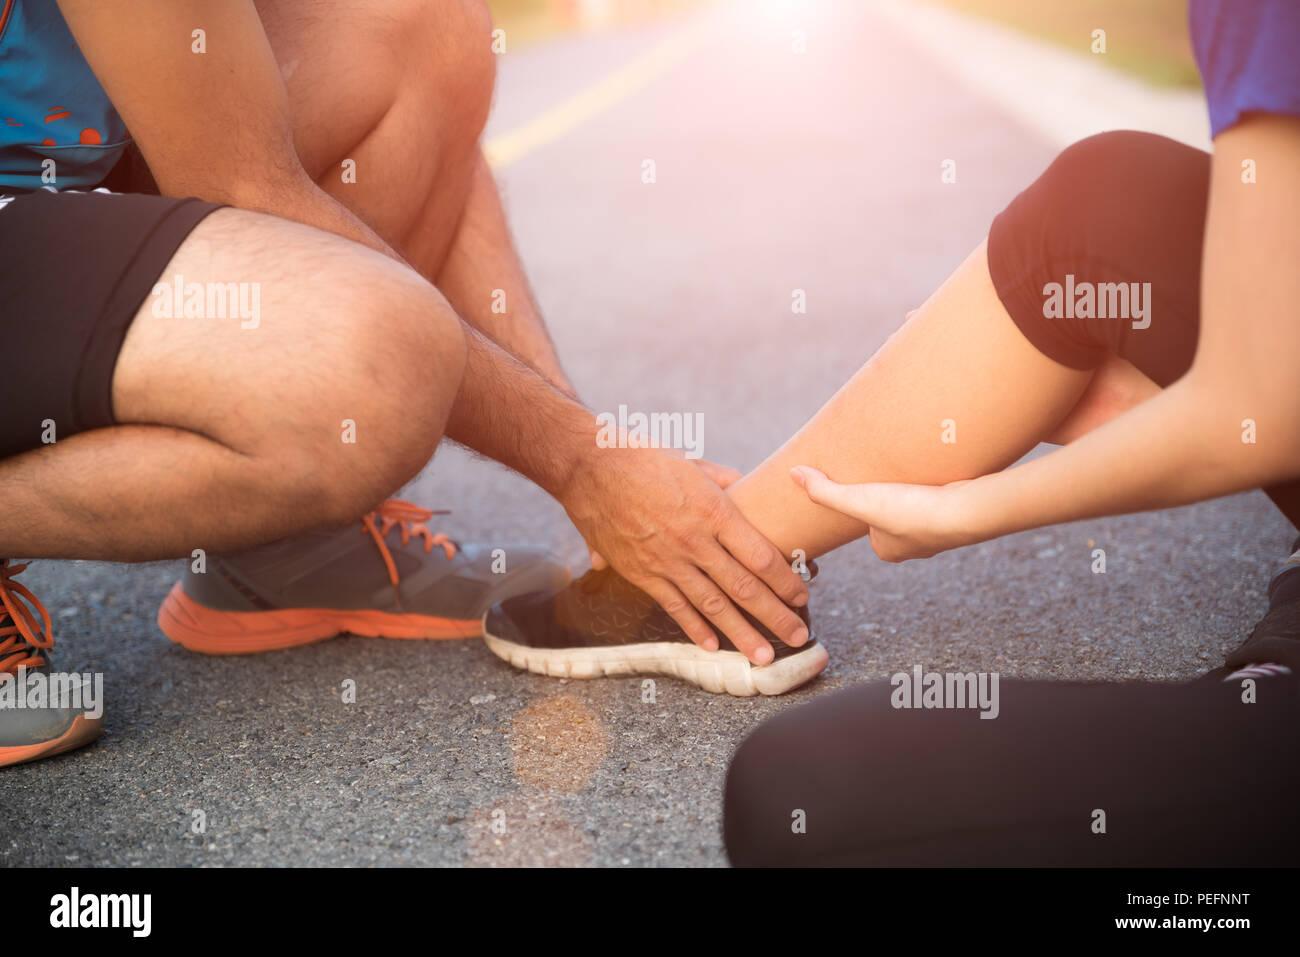 Esguince de tobillo. Joven sufre una lesión de tobillo mientras hace ejercicio y corriendo, y ella recibiendo ayuda del hombre que toca su tobillo. Un sanitario Imagen De Stock